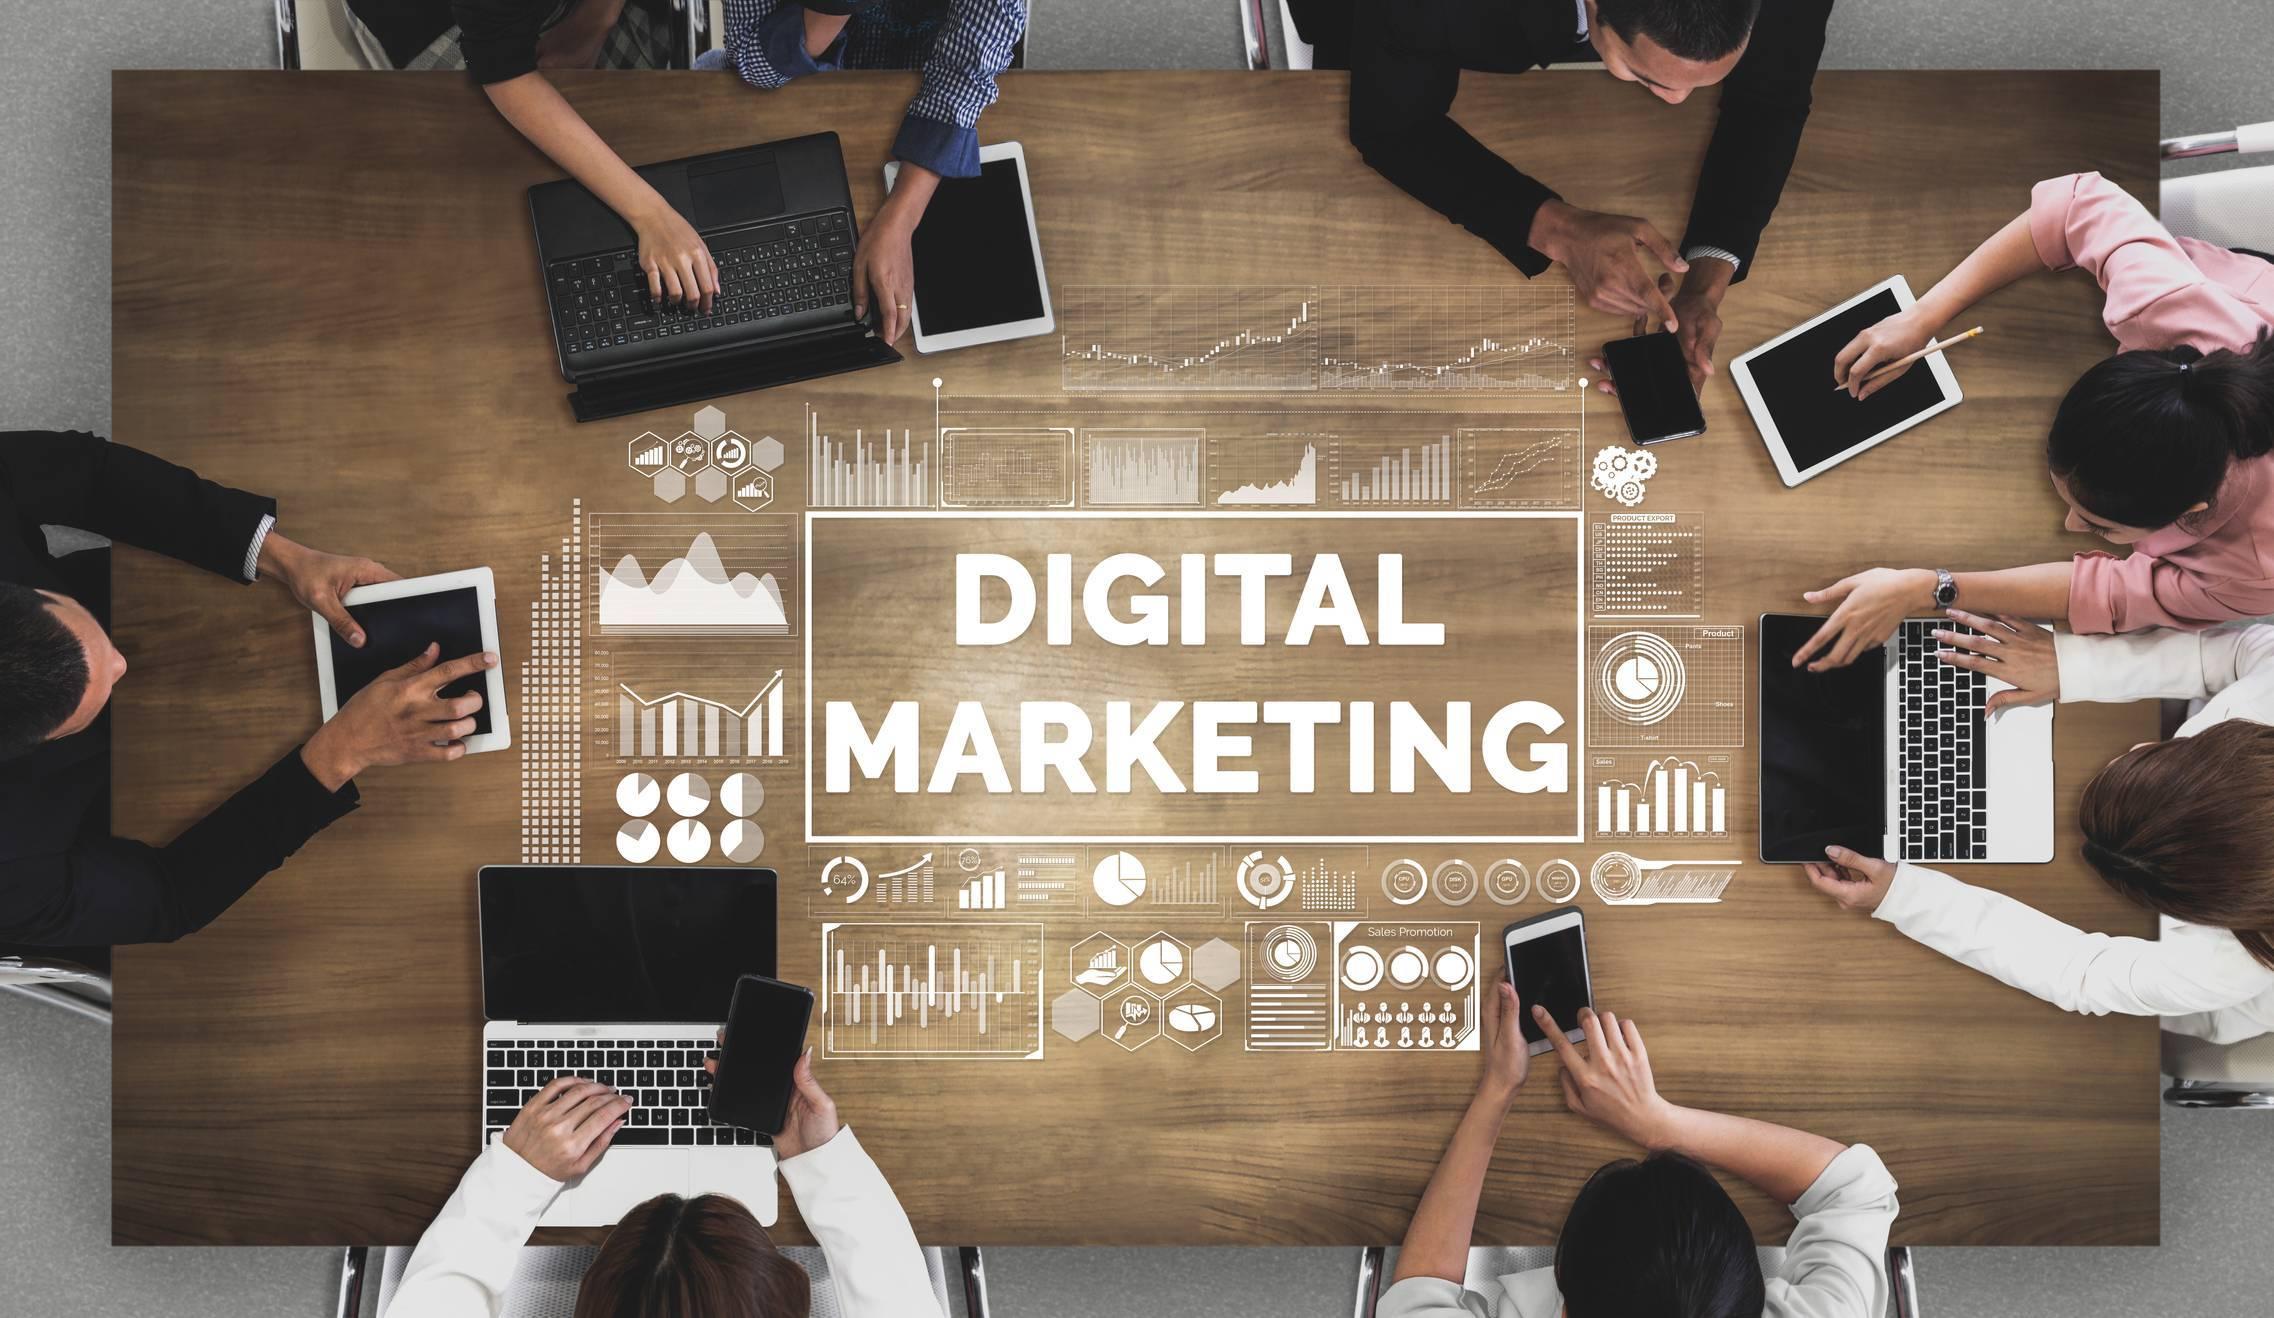 Marketing digital pour les entreprises